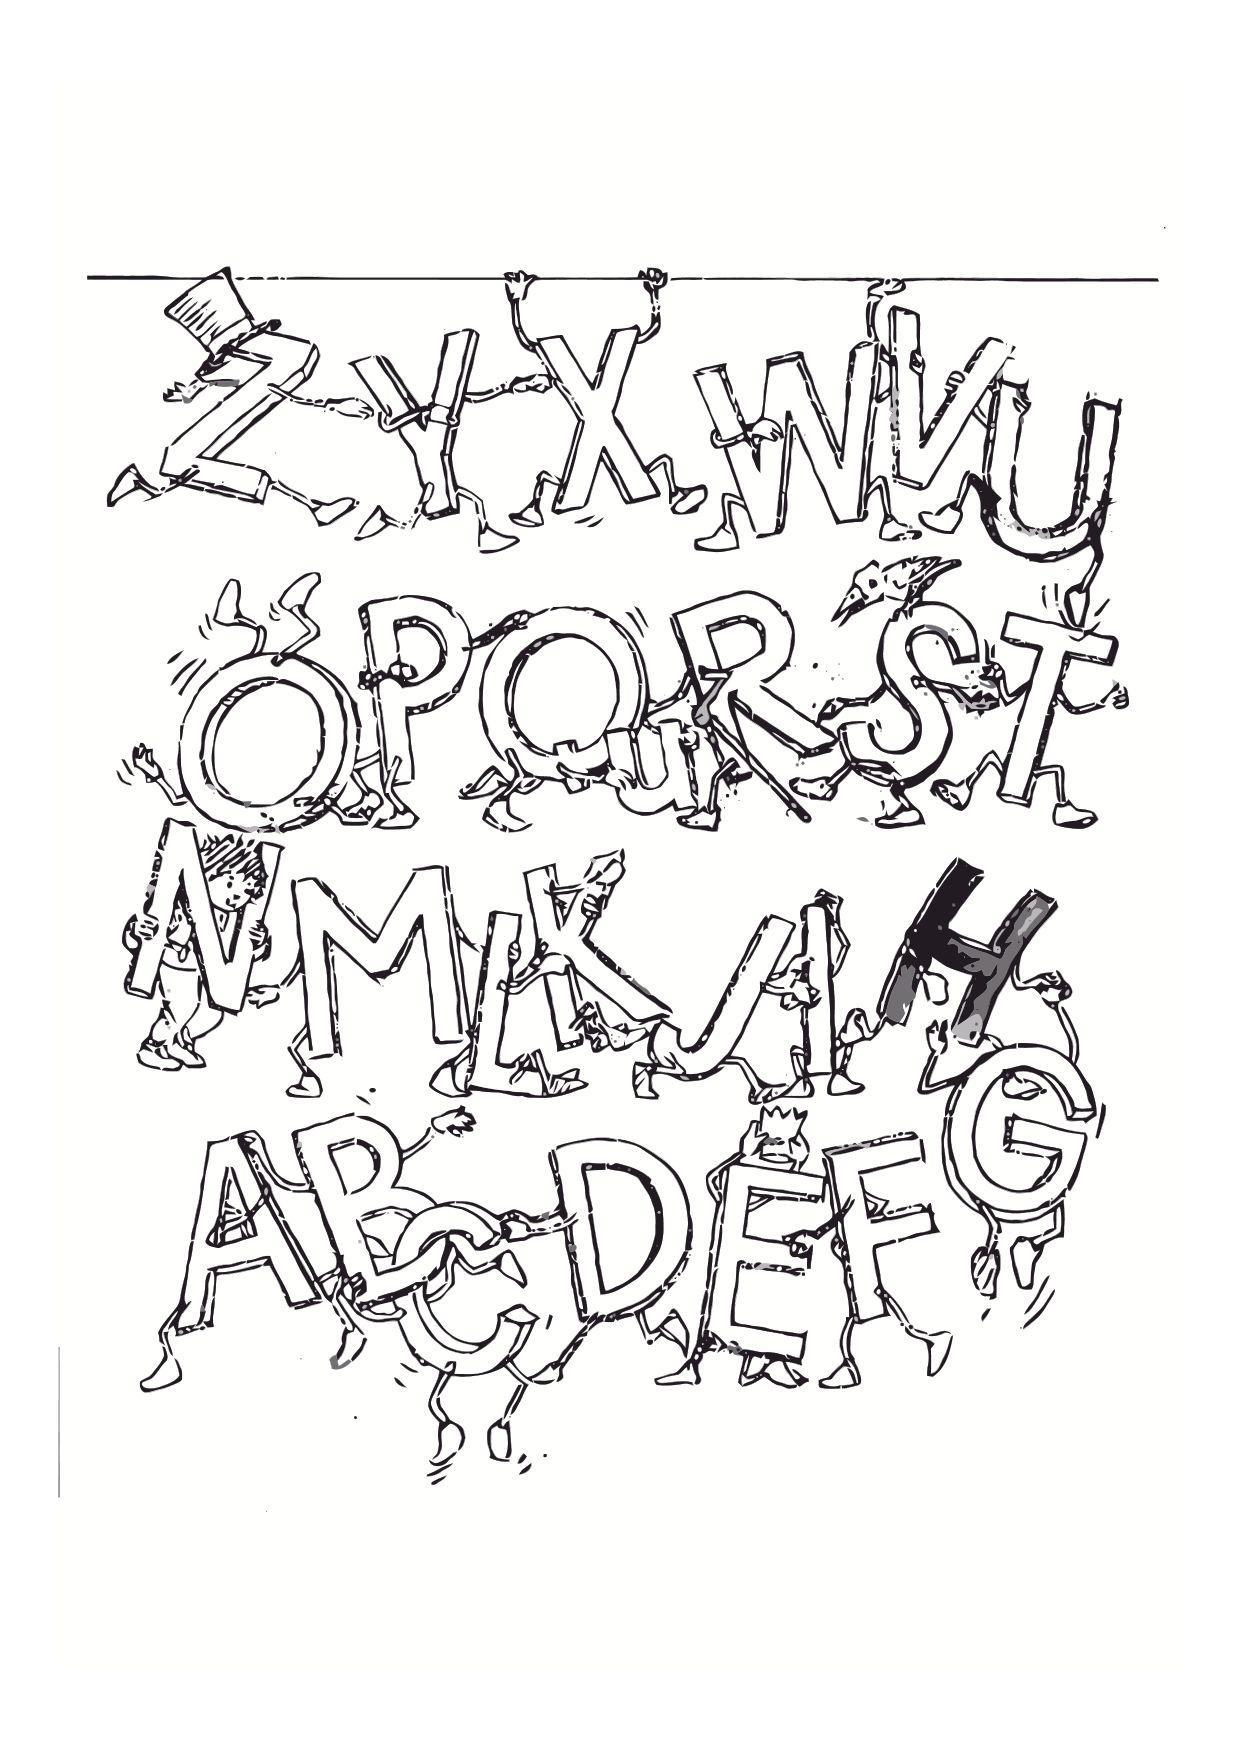 Frais Dessin à Colorier Alphabet Animaux